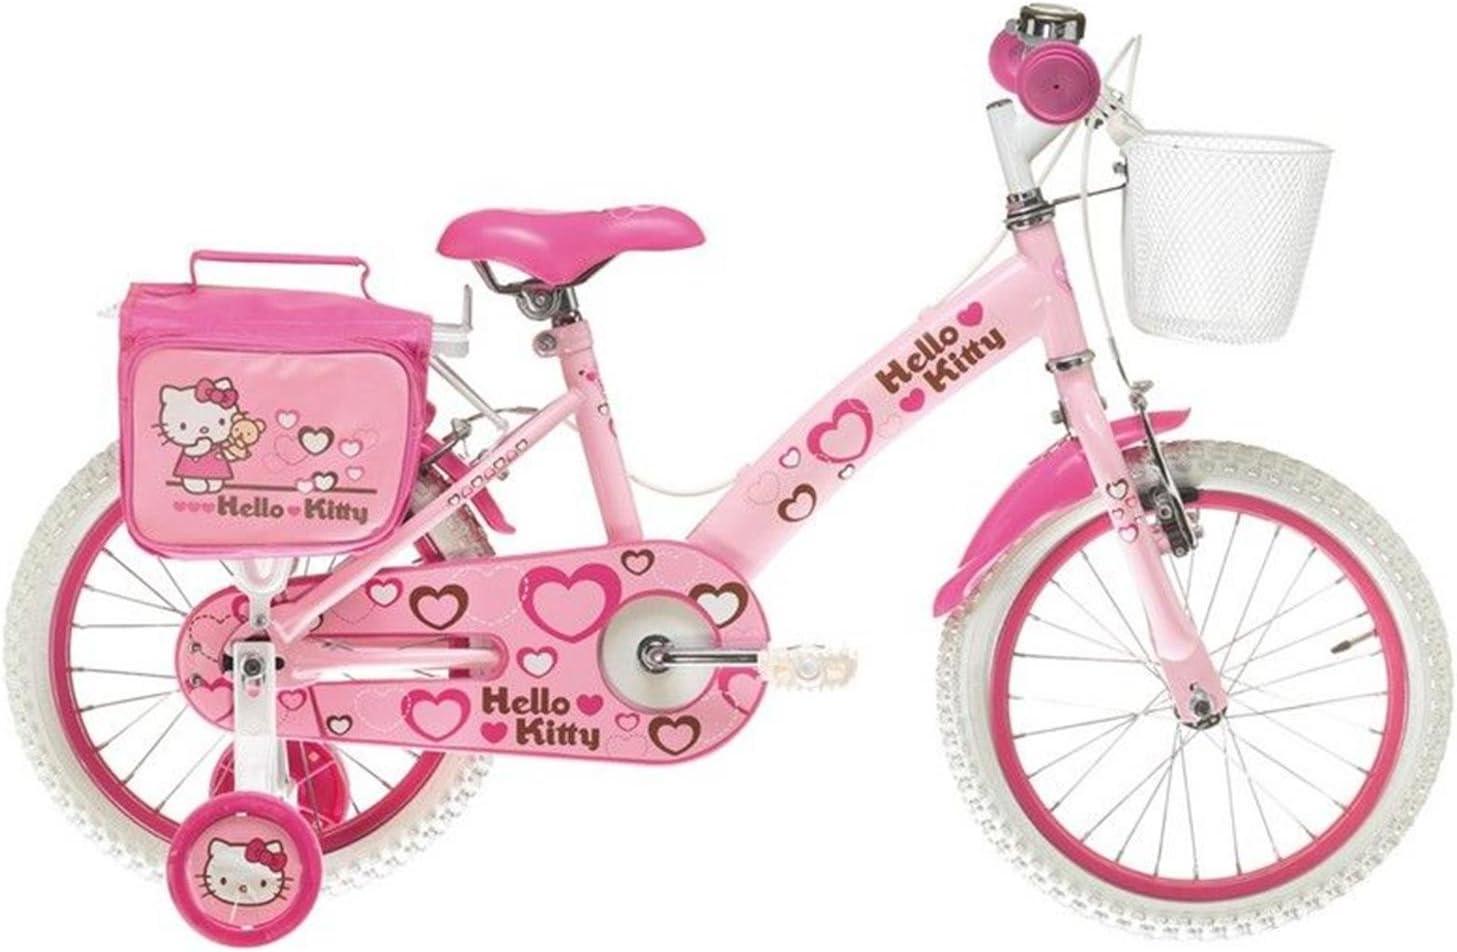 HELLO KITTY Bicicleta Corazones 16 Rosa: Amazon.es: Deportes y ...